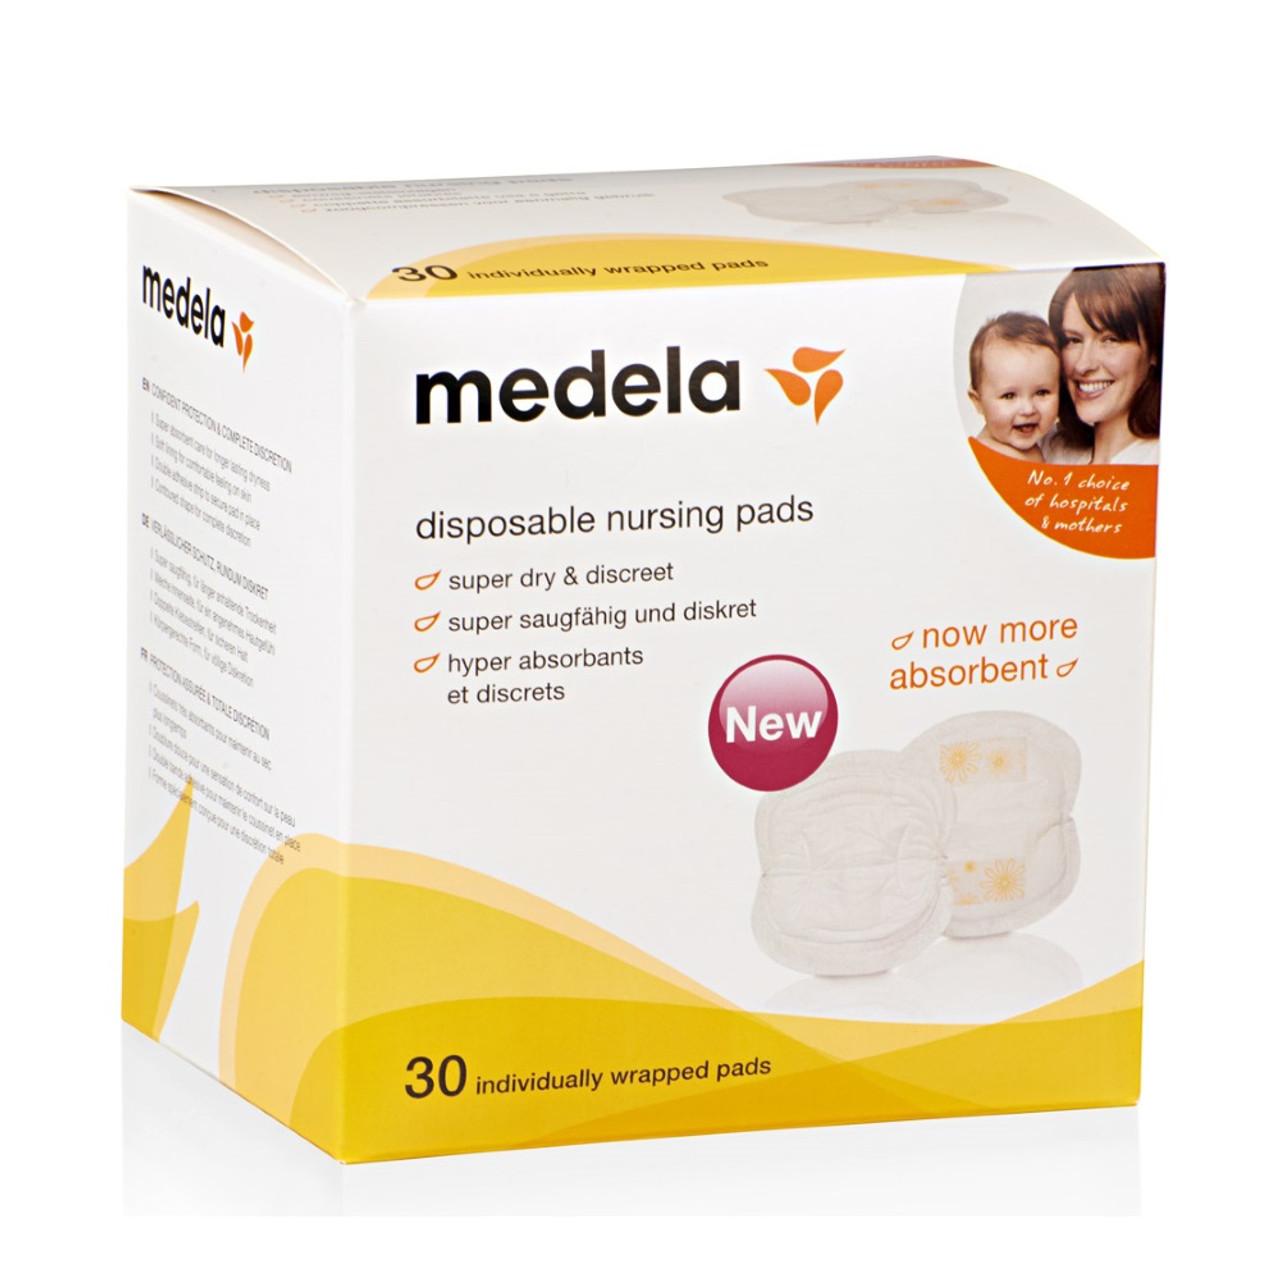 Medela Disposable Nursing Pads - 30 Pack